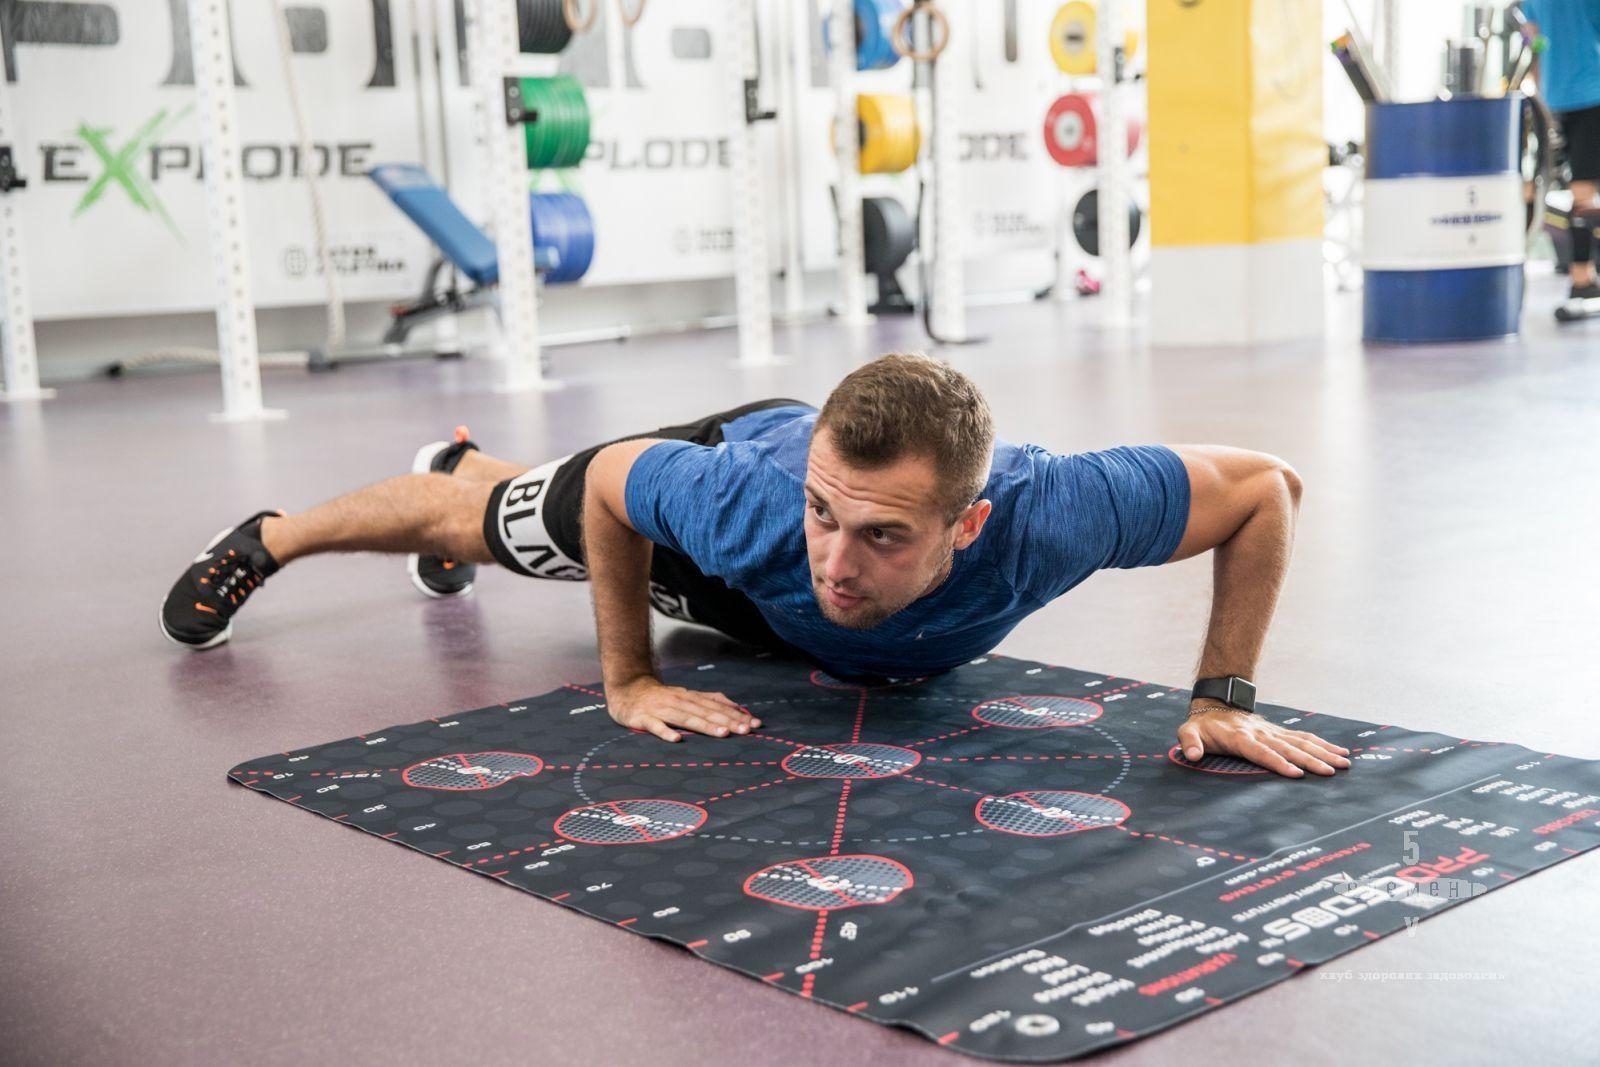 Виды фитнеса для похудения: какое направление фитнеса лучше для борьбы с лишним весом— фитнес-клуб 5 элемент